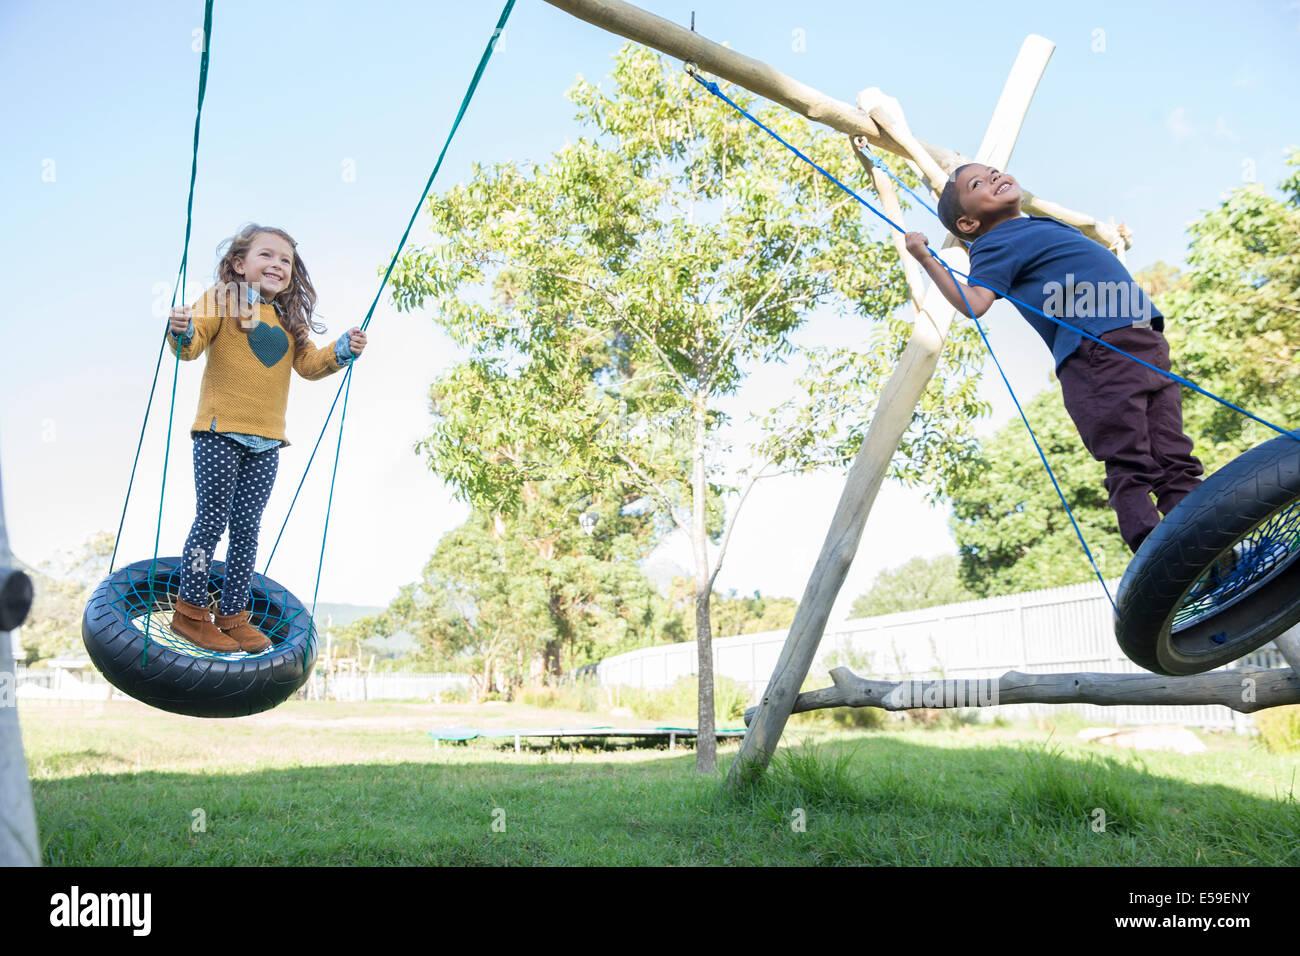 Niños jugando en columpios de neumático Foto de stock